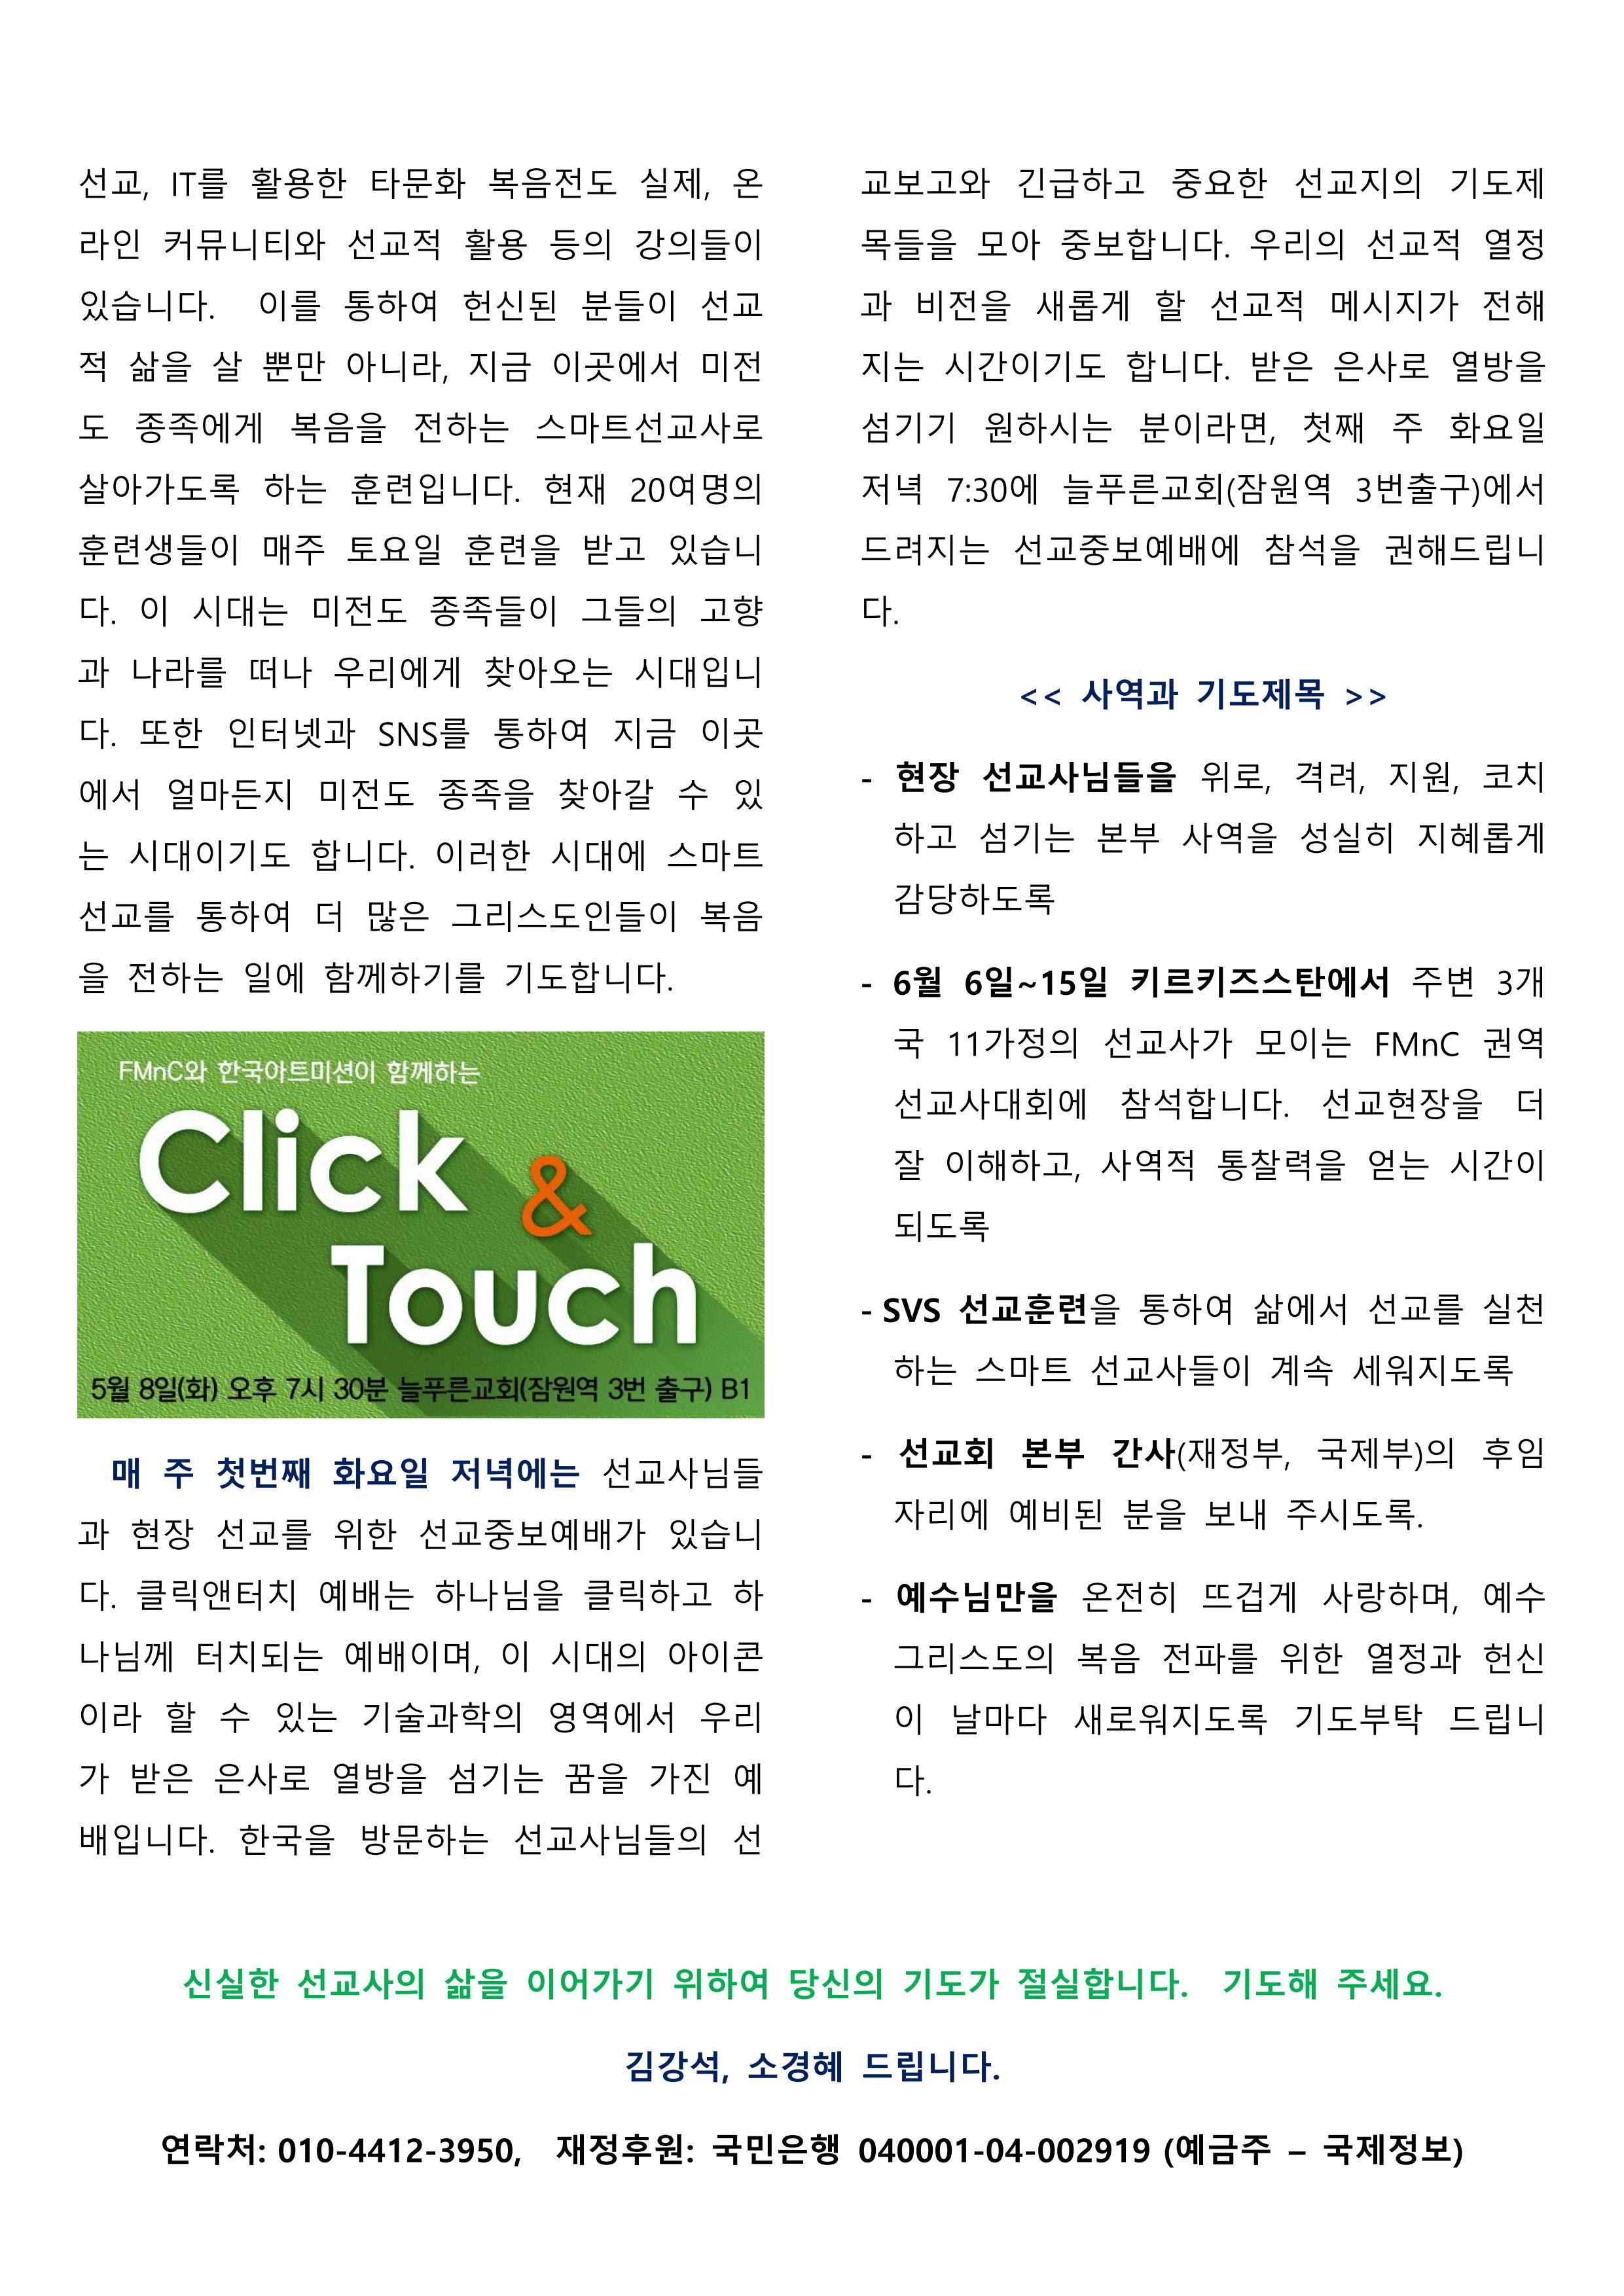 김강석-소경혜선교사_2018-04_02.jpg